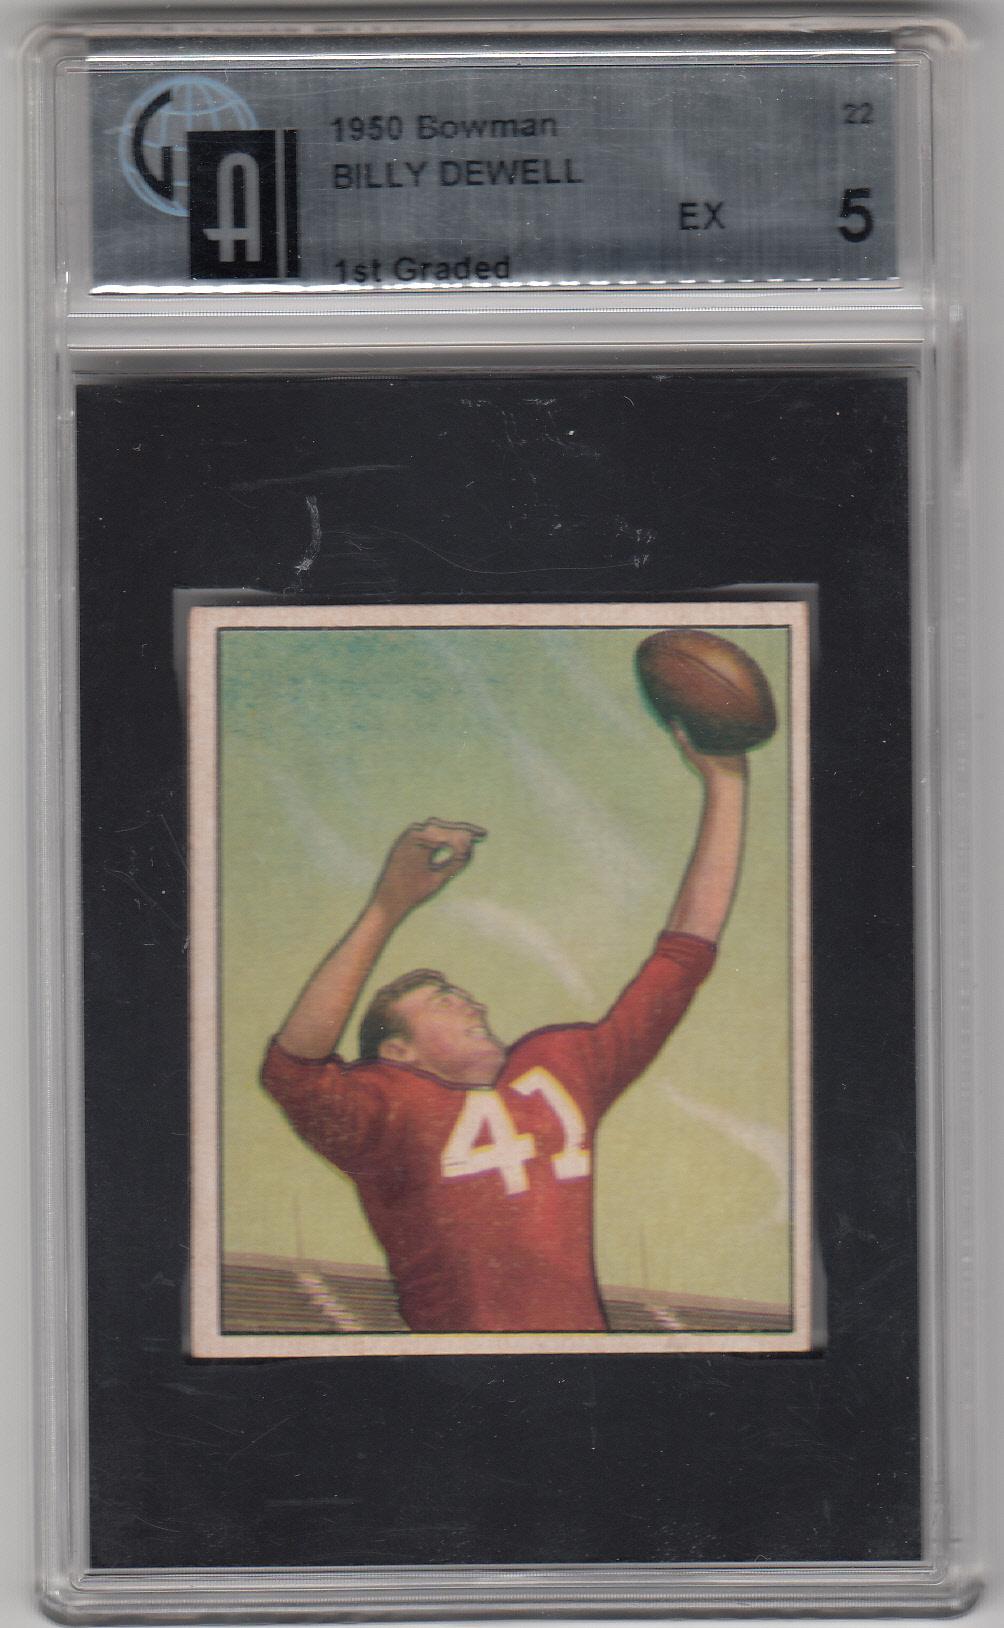 1950 Bowman #22 Billy Dewell